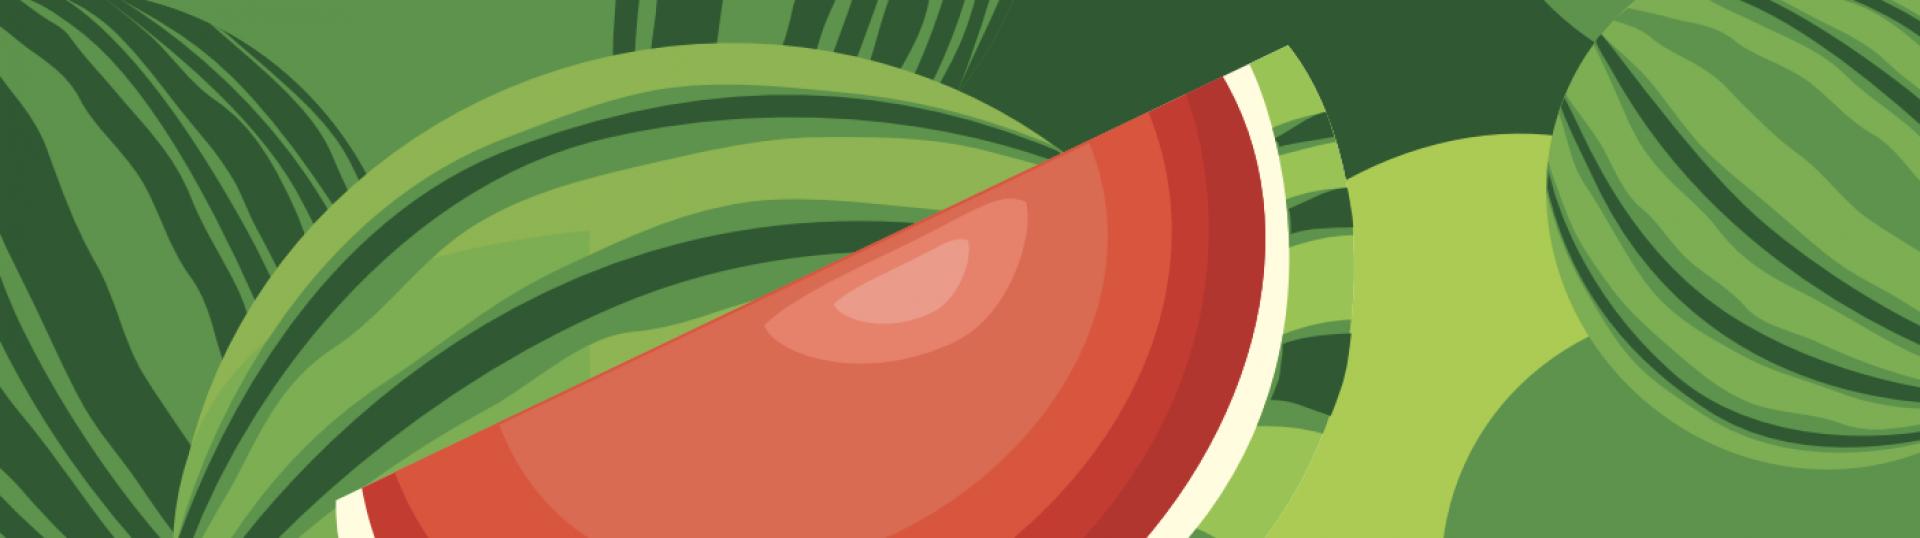 Új kiadvány: A zöld baloldali politika lehetőségei Magyarországon